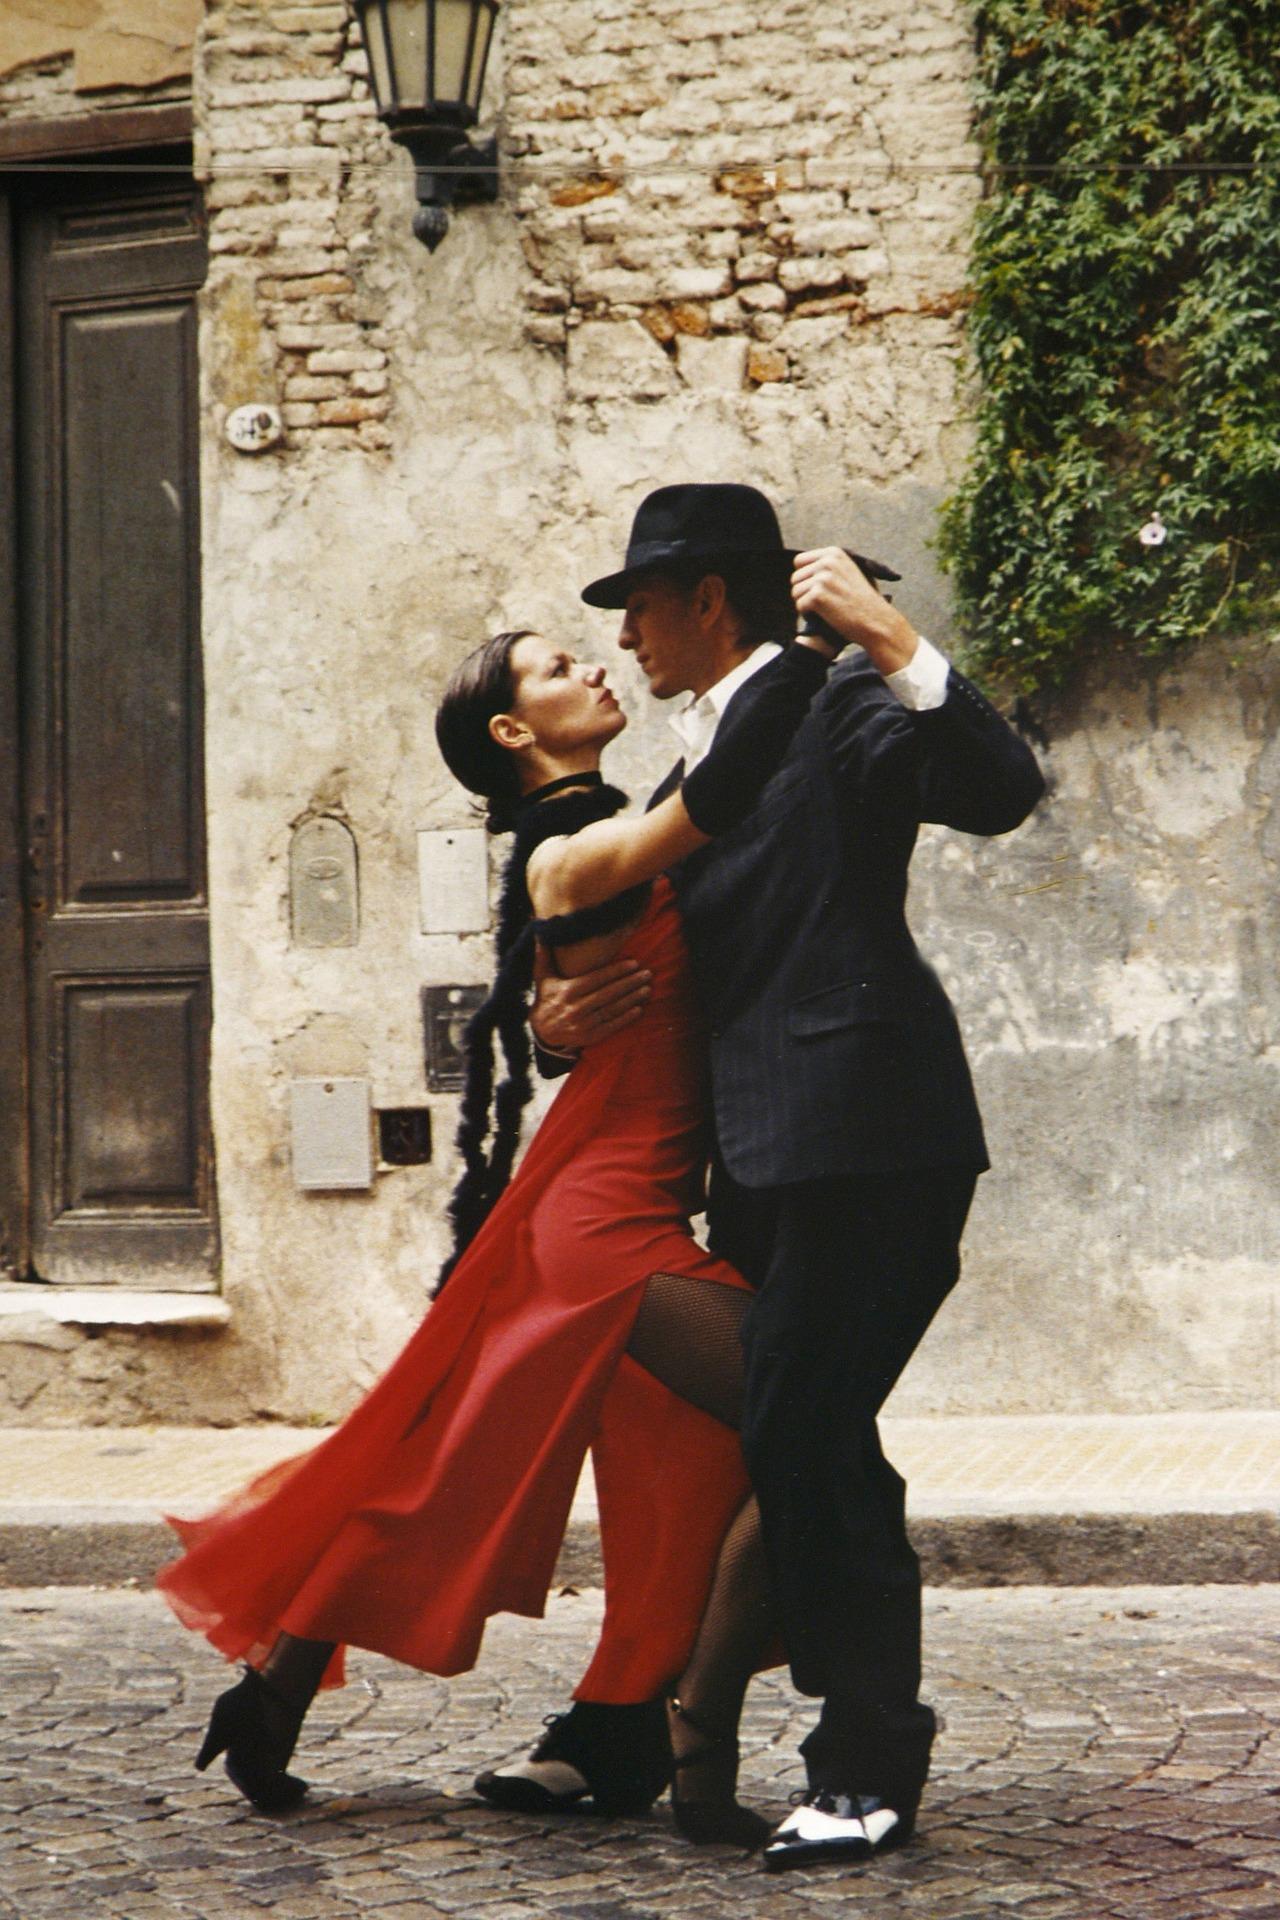 P23_tango-190026_1920